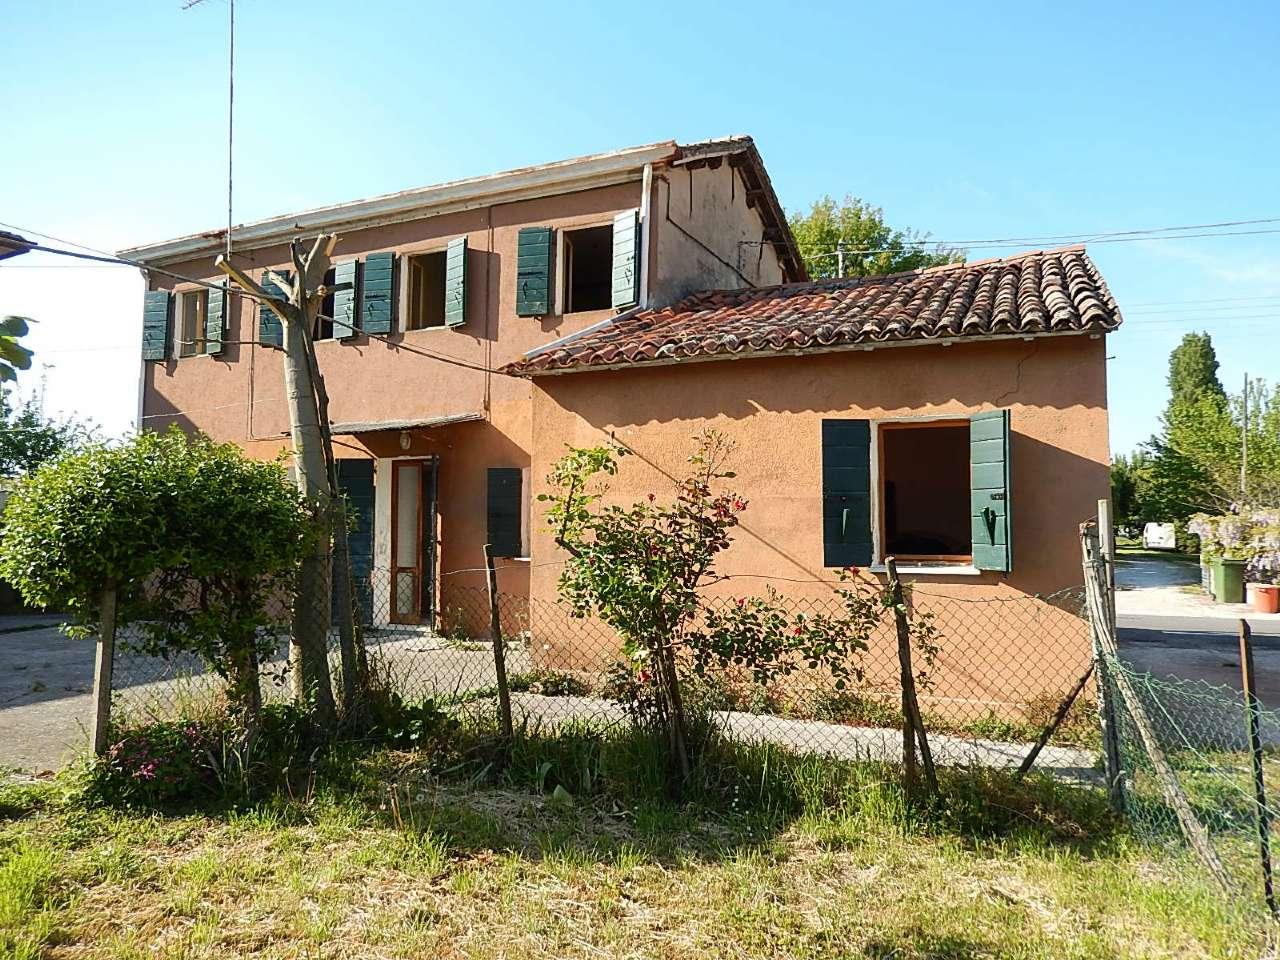 Rustico / Casale in vendita a Arzergrande, 3 locali, prezzo € 70.000 | CambioCasa.it